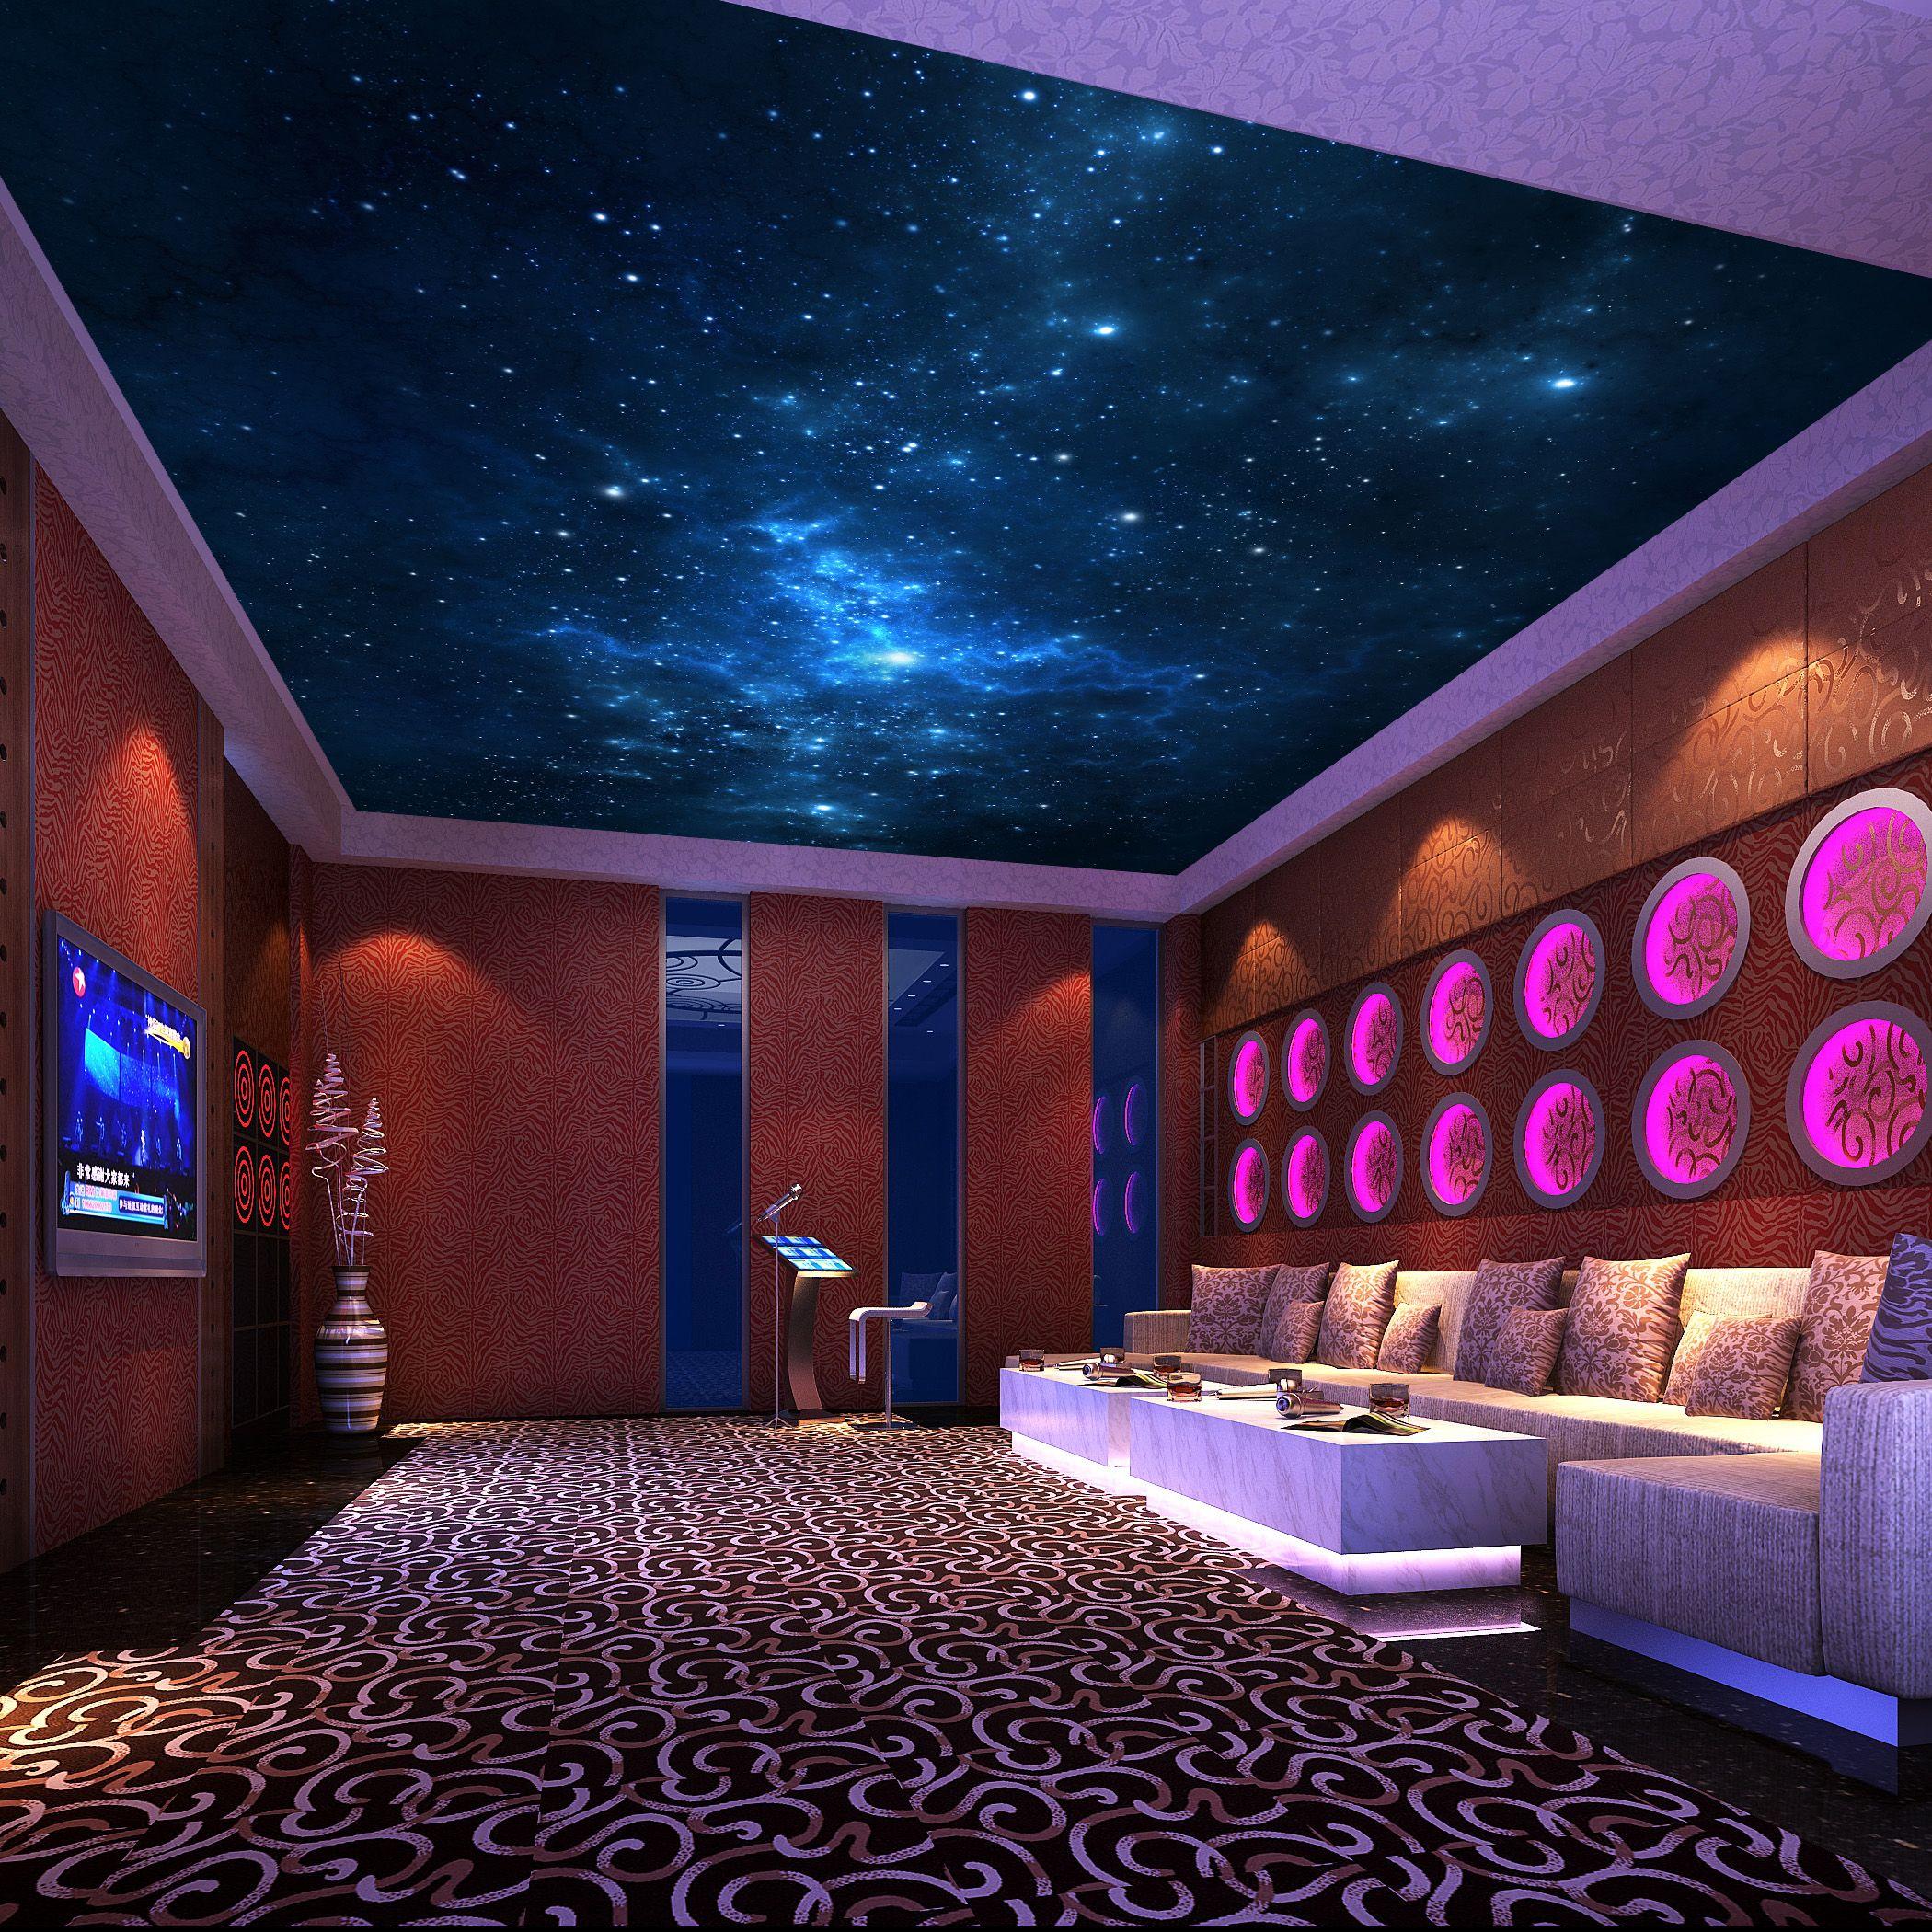 The stars in the night sky mural wallpaper ktv ceiling